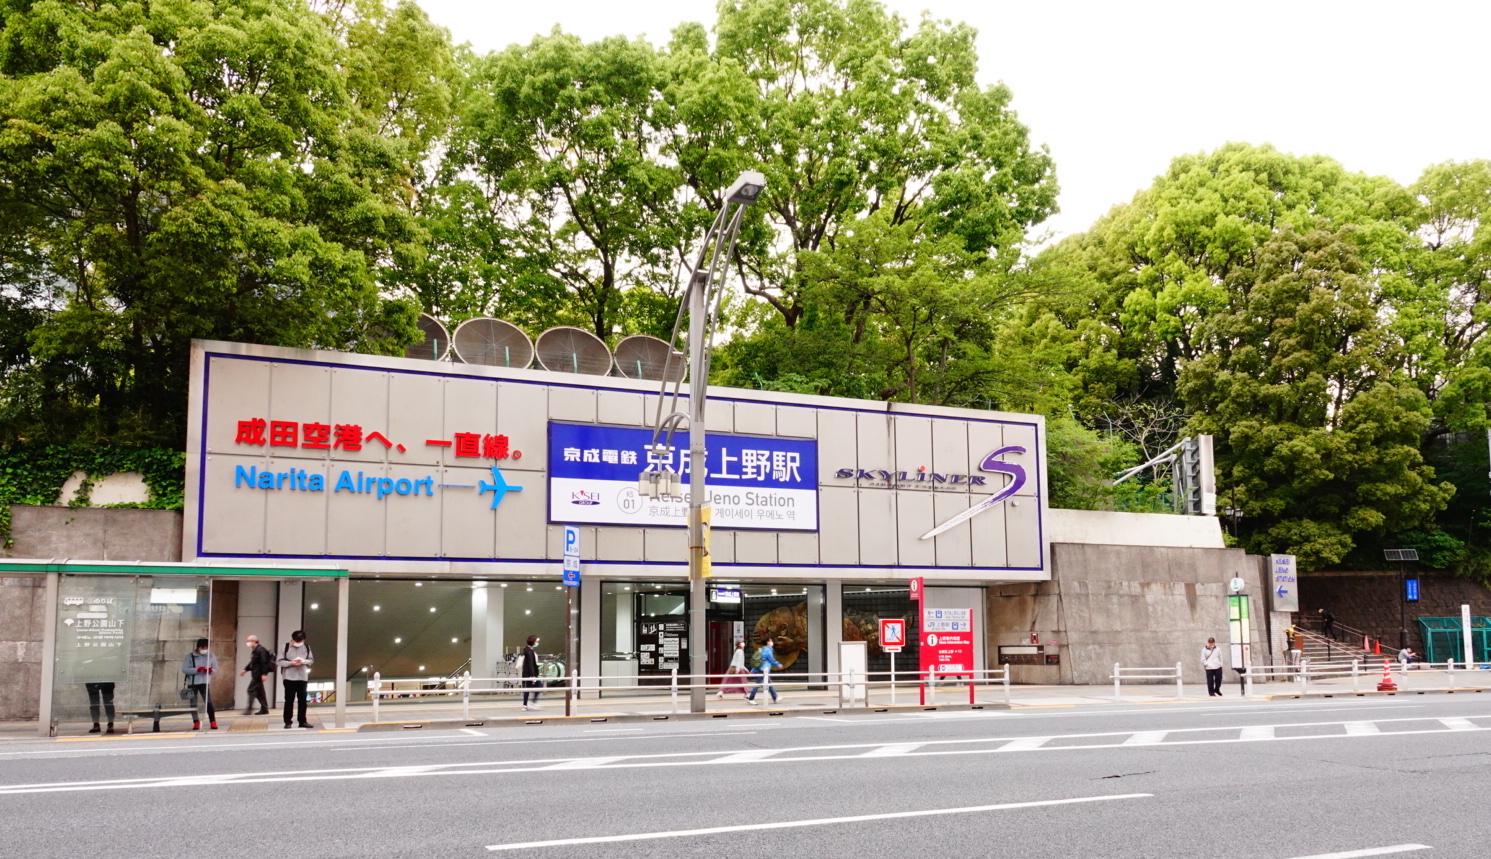 上野交通攻略:上野車站篇-有哪些電車線路&如何搭車? - 博客